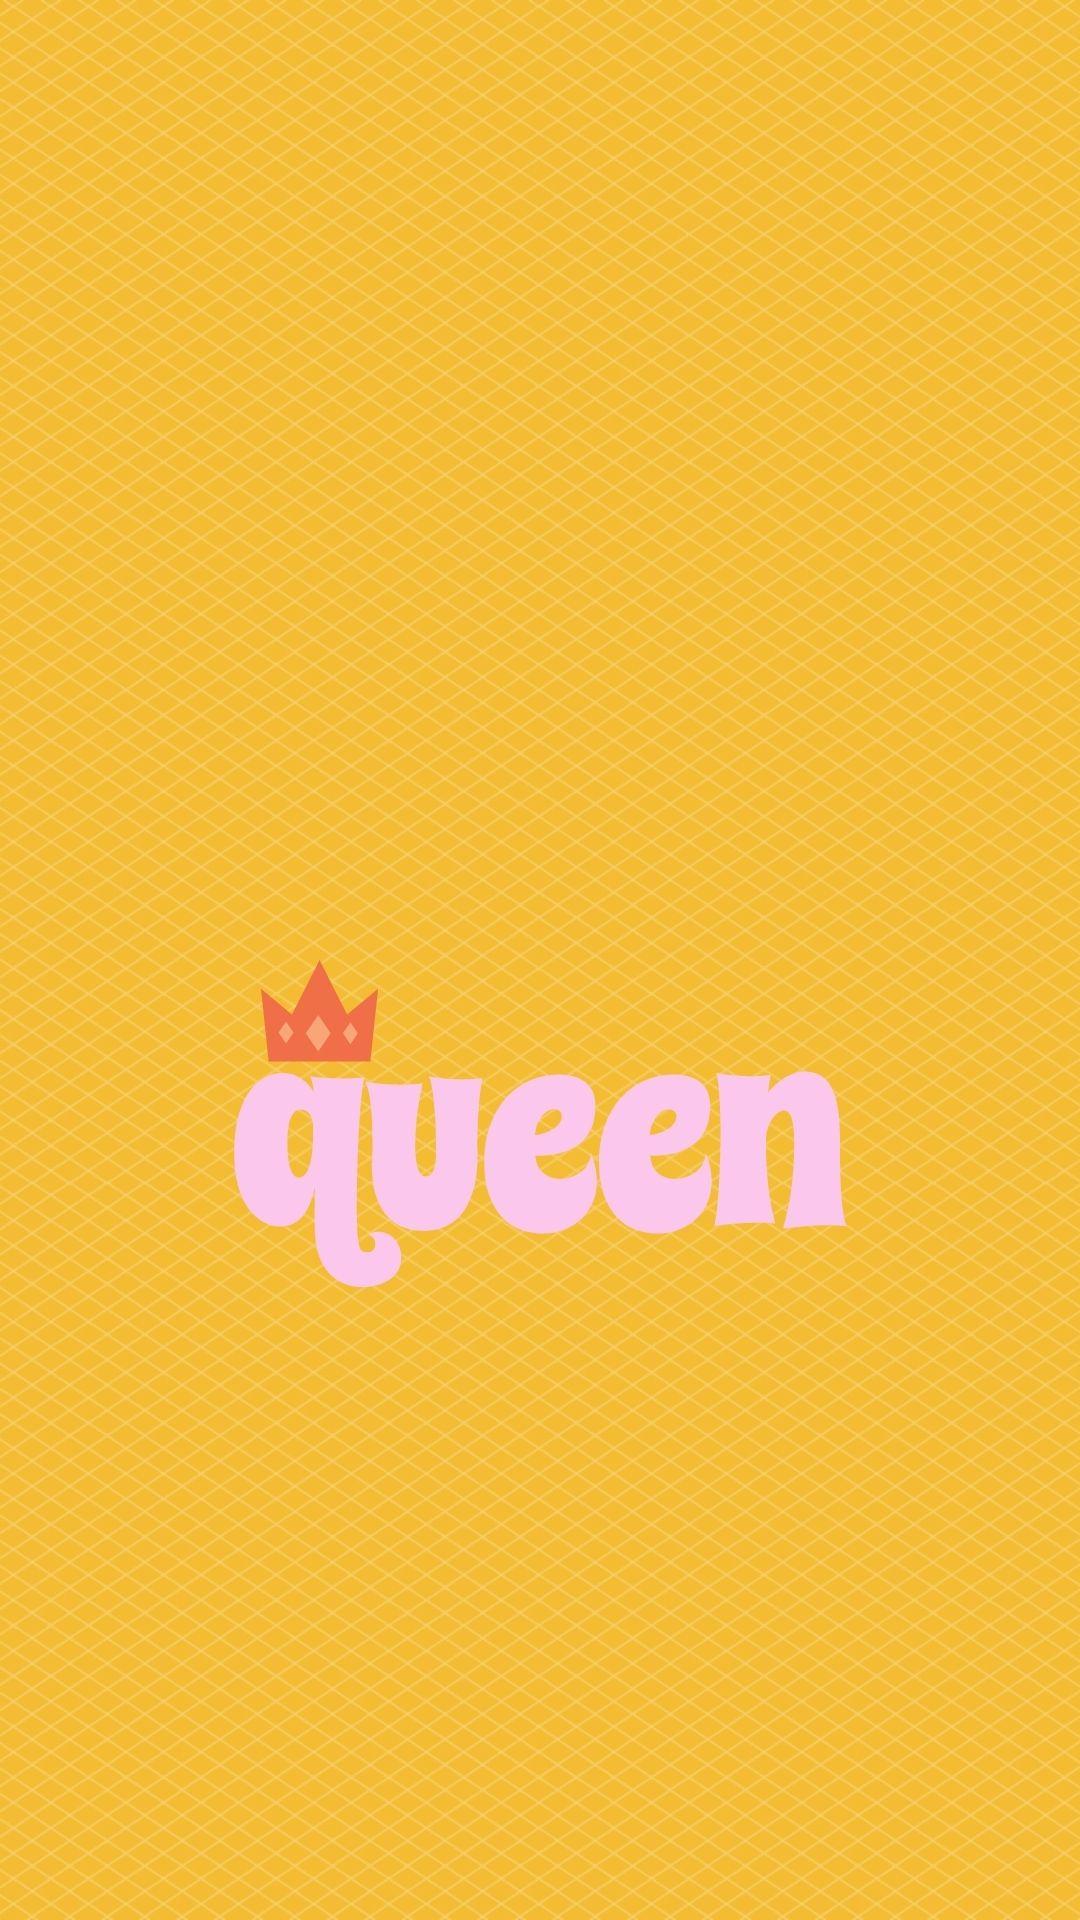 Het woord 'queen' met een kroontje op de letter q